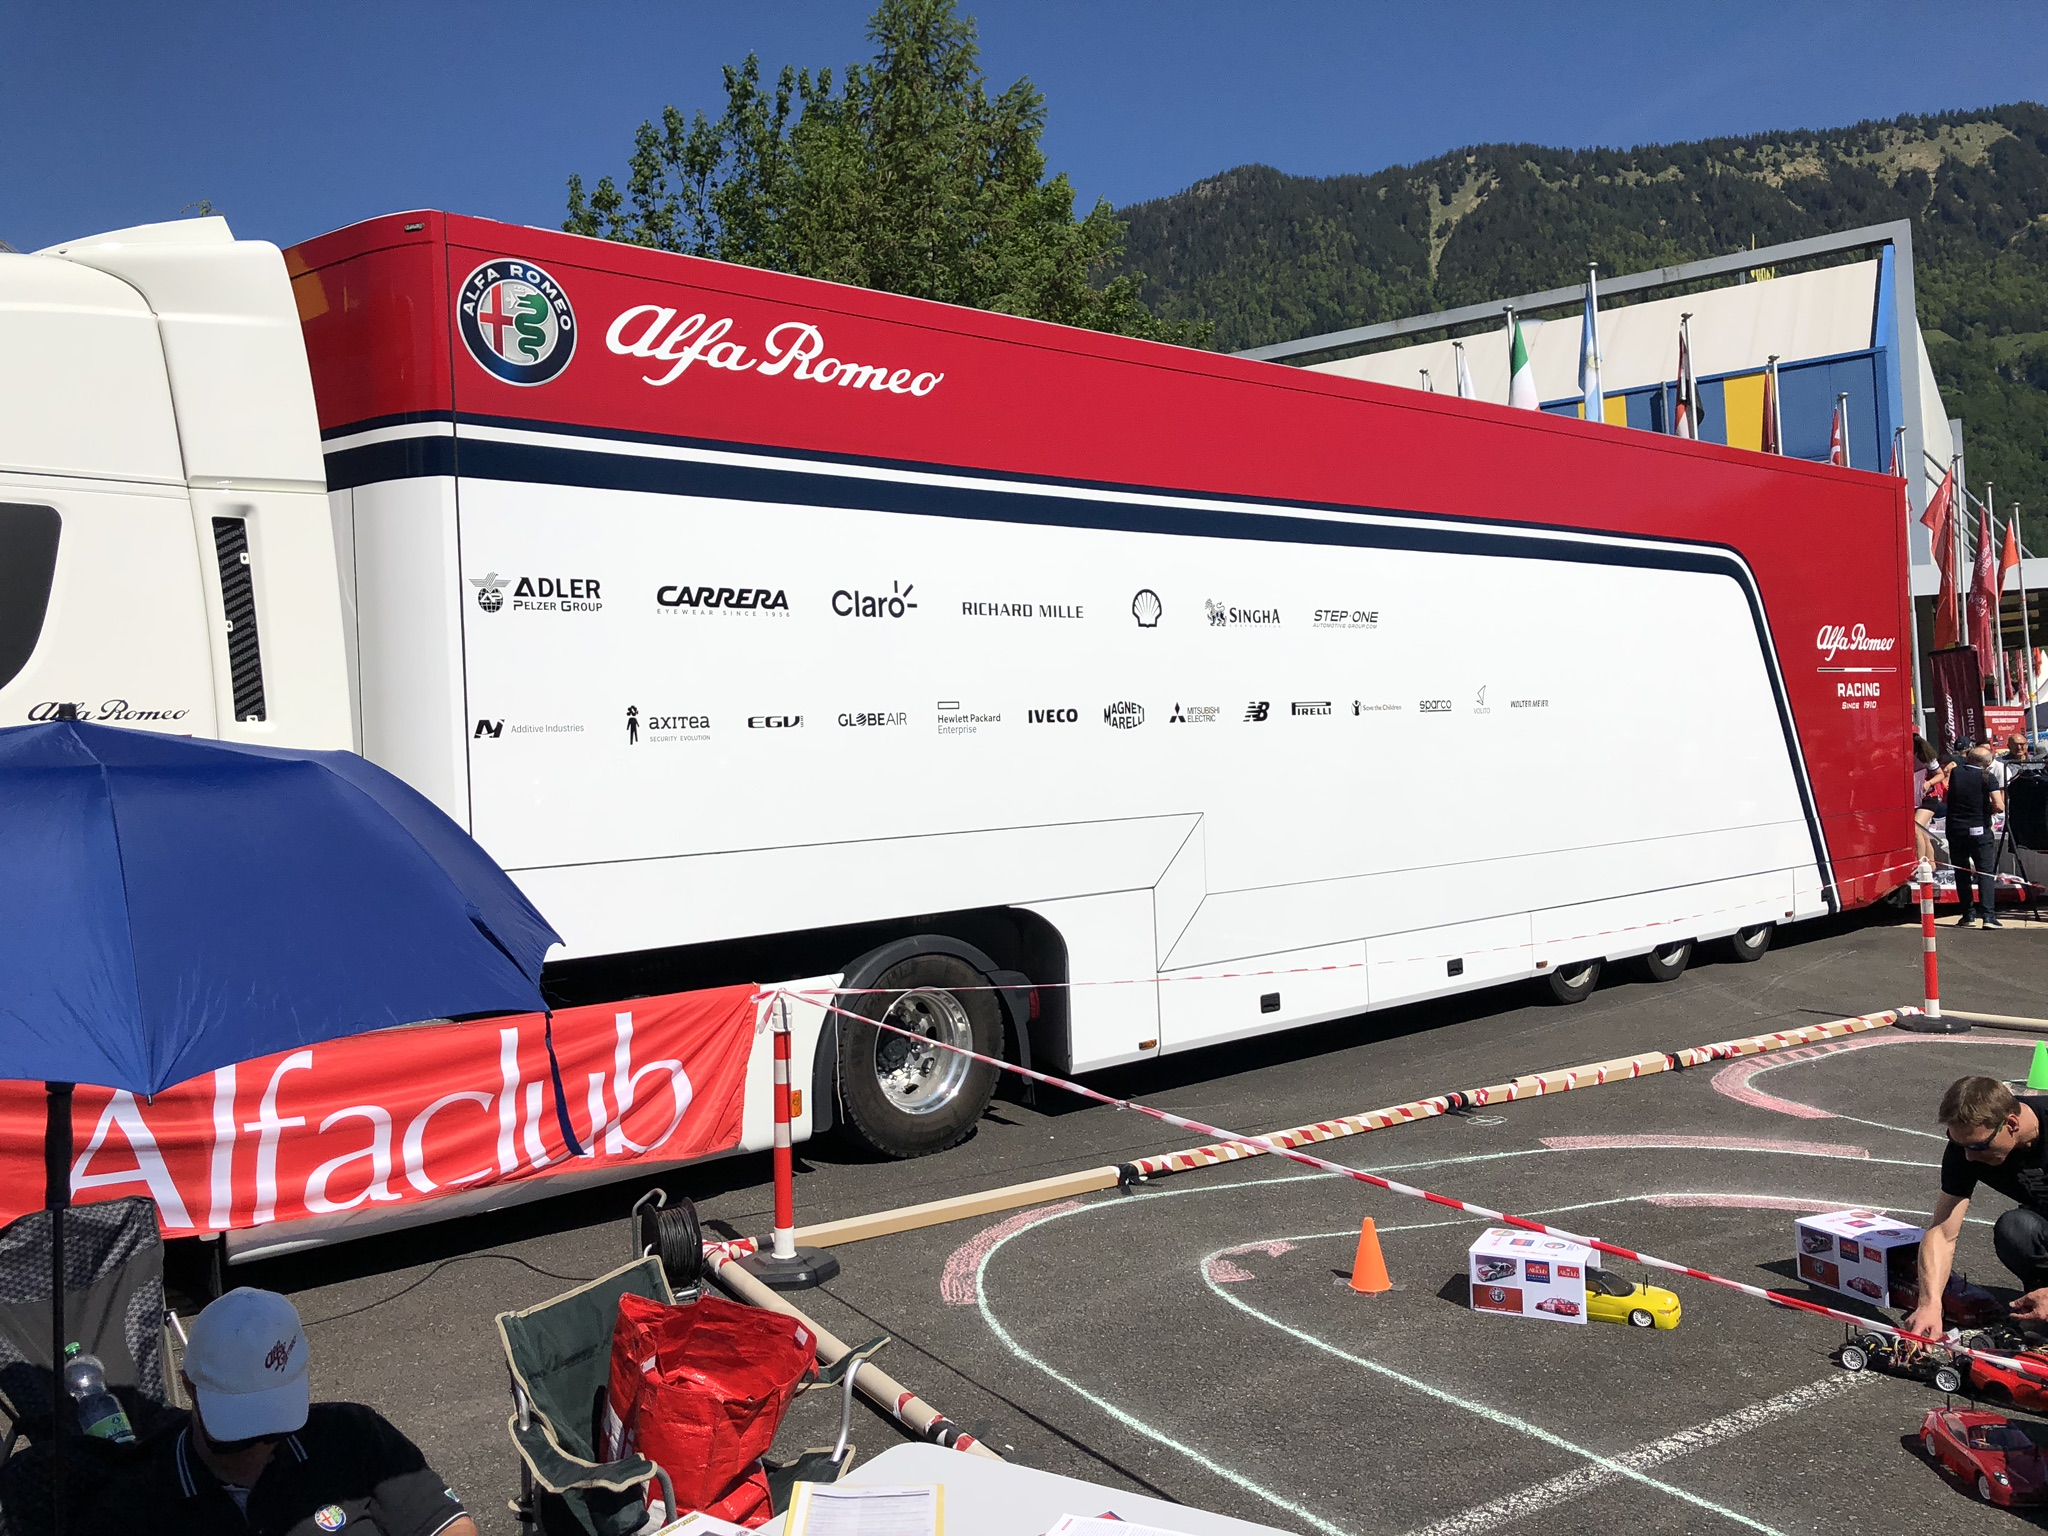 Am letzten Wochenende war der Alfadoktor mit seinem Alfa Romeo RZ zu Gast beim Alfa Romeo Passion Meeting